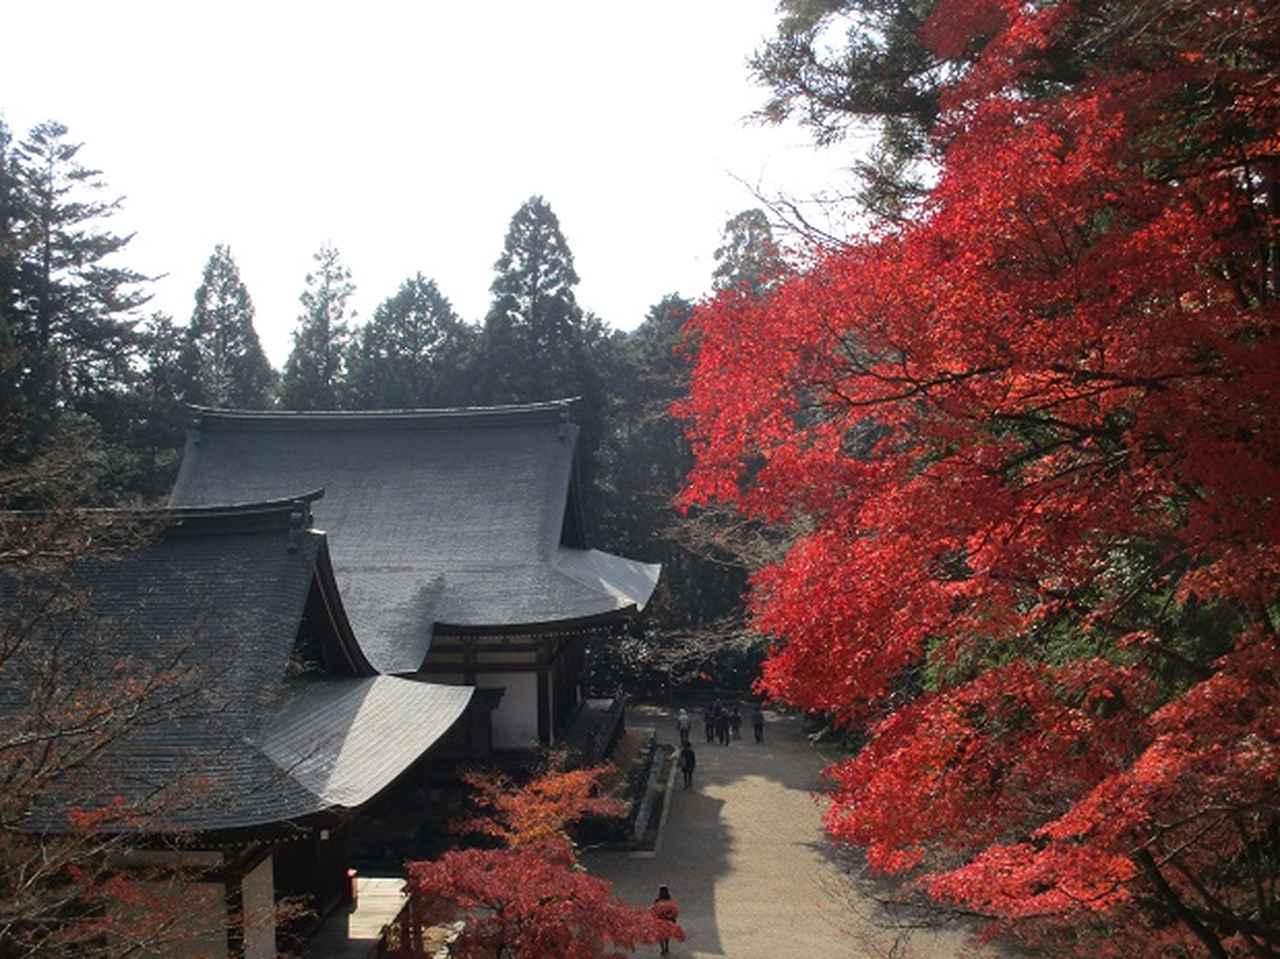 画像7: 11月27日より2泊3日で 山旅会 「京都」 ツアーへ行ってまいりました